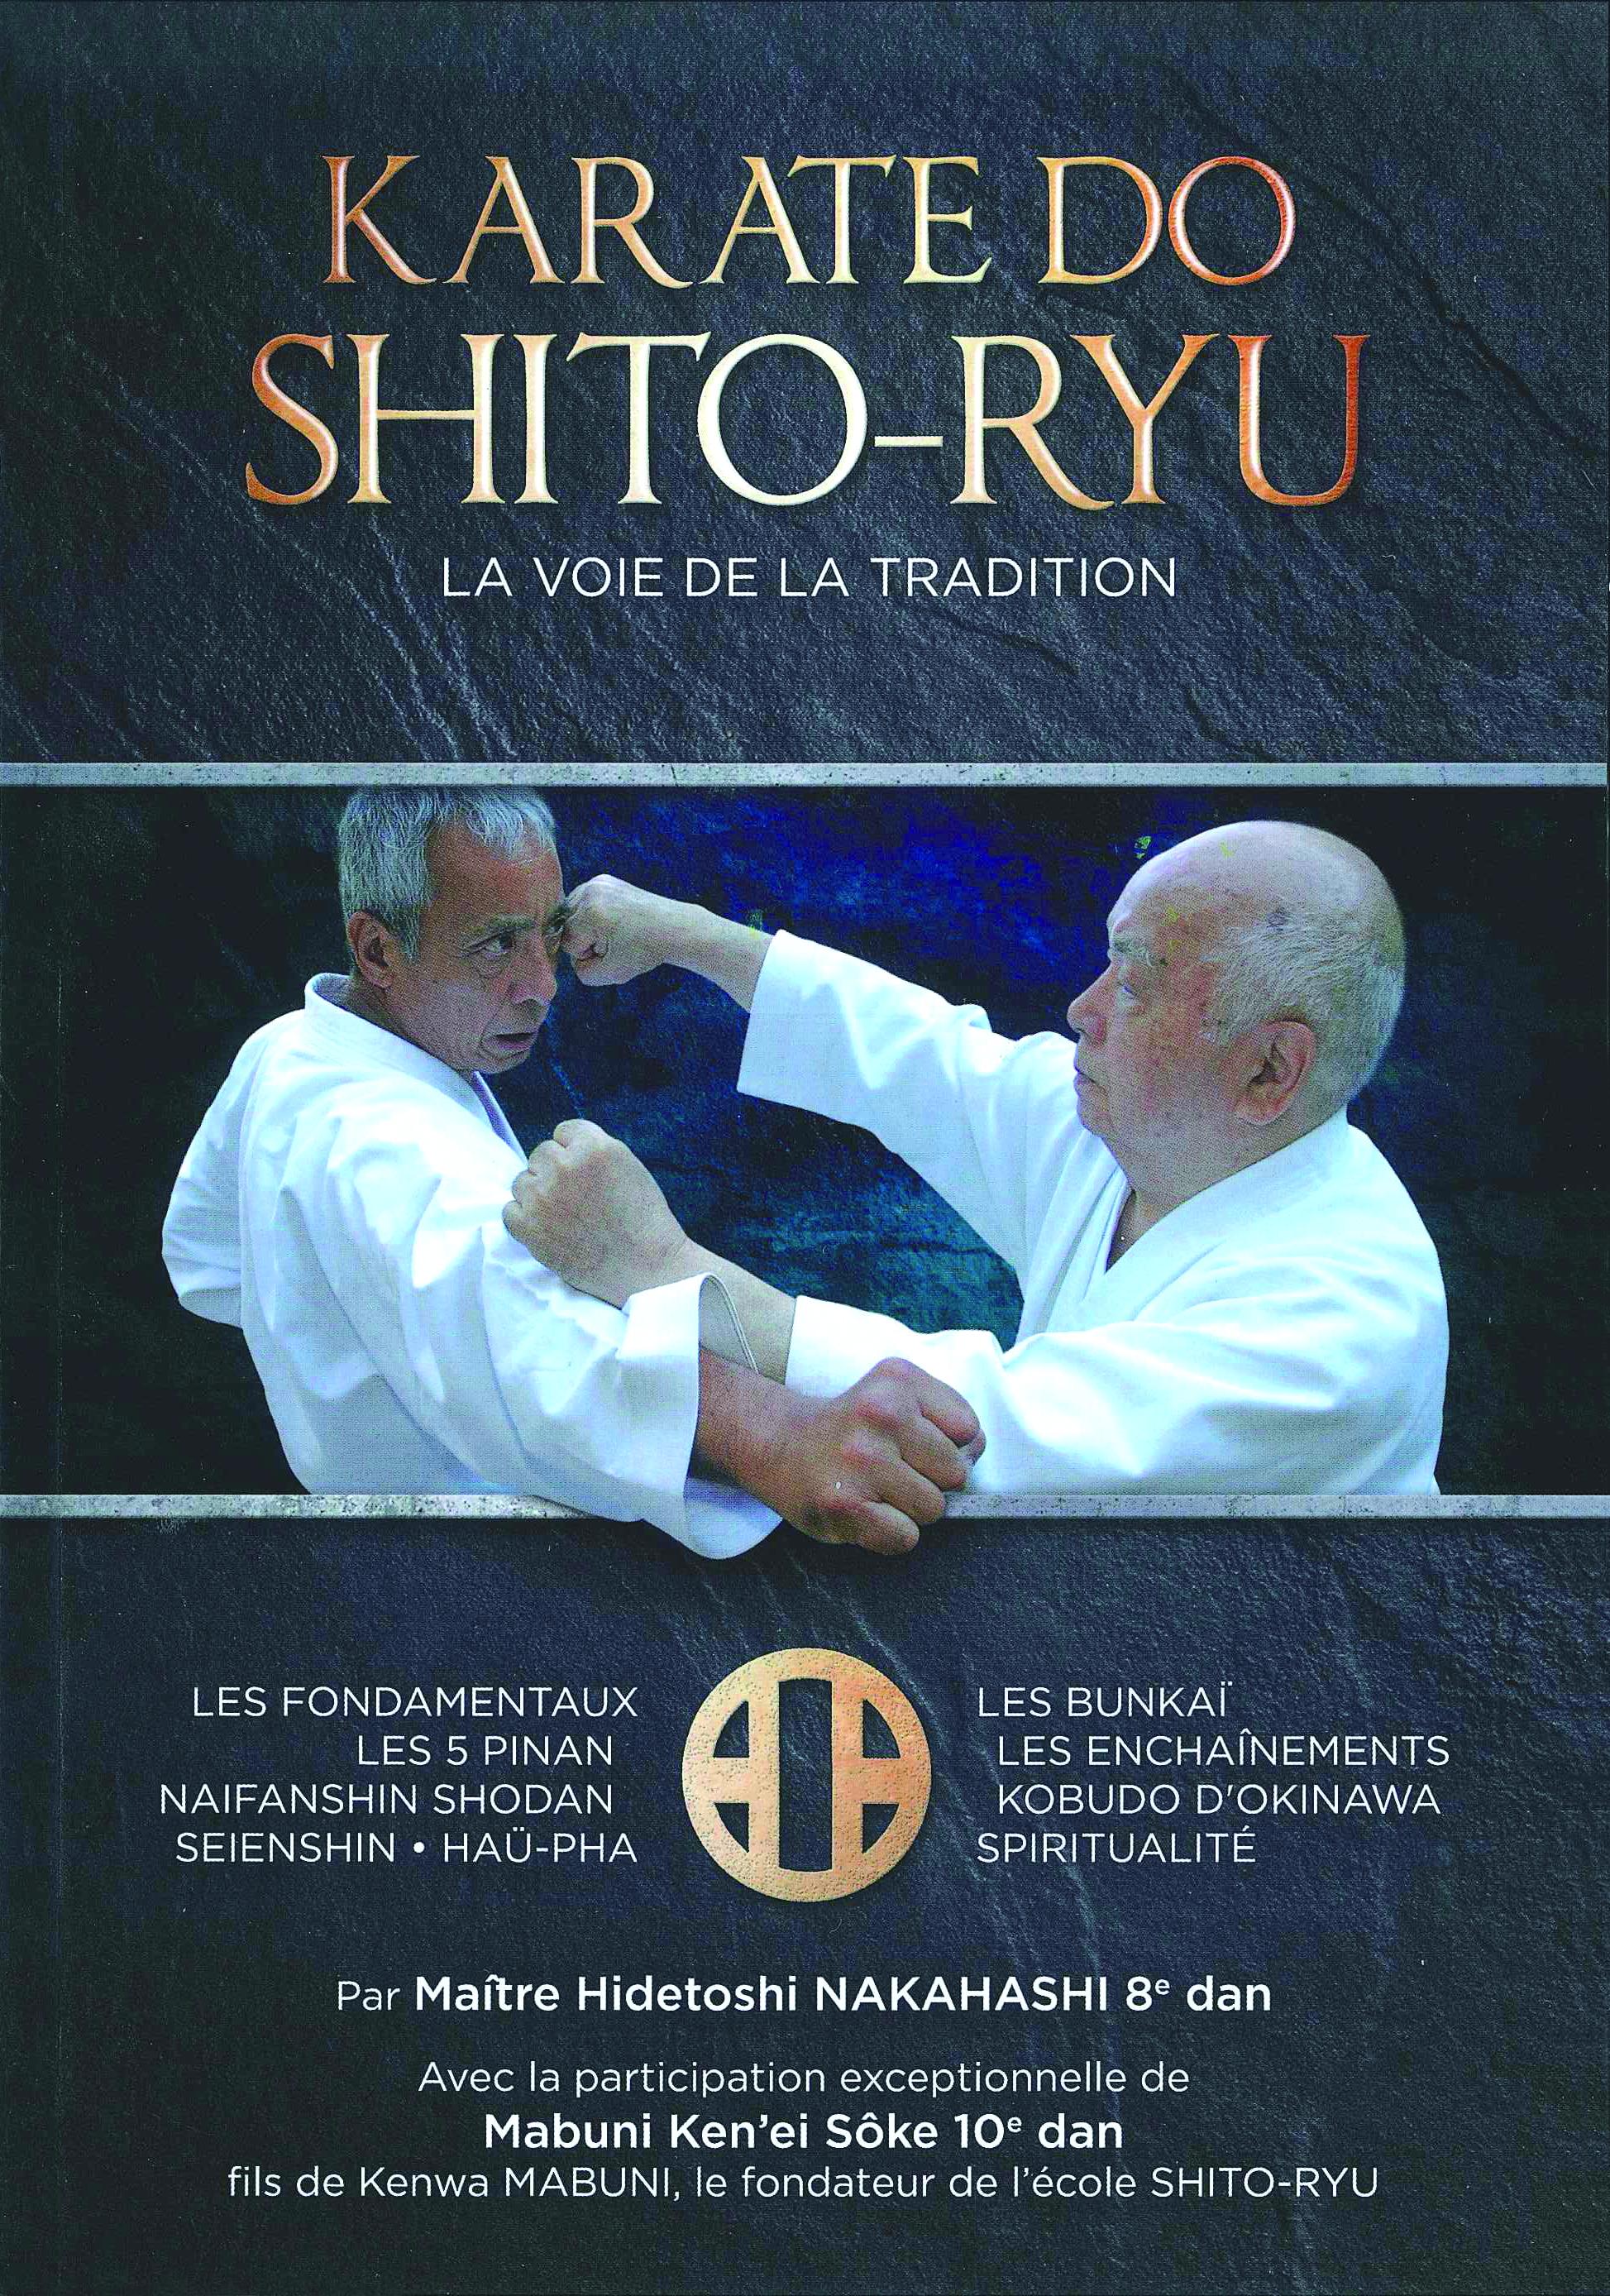 Karate-do shito-ryu, la voie de la tradition